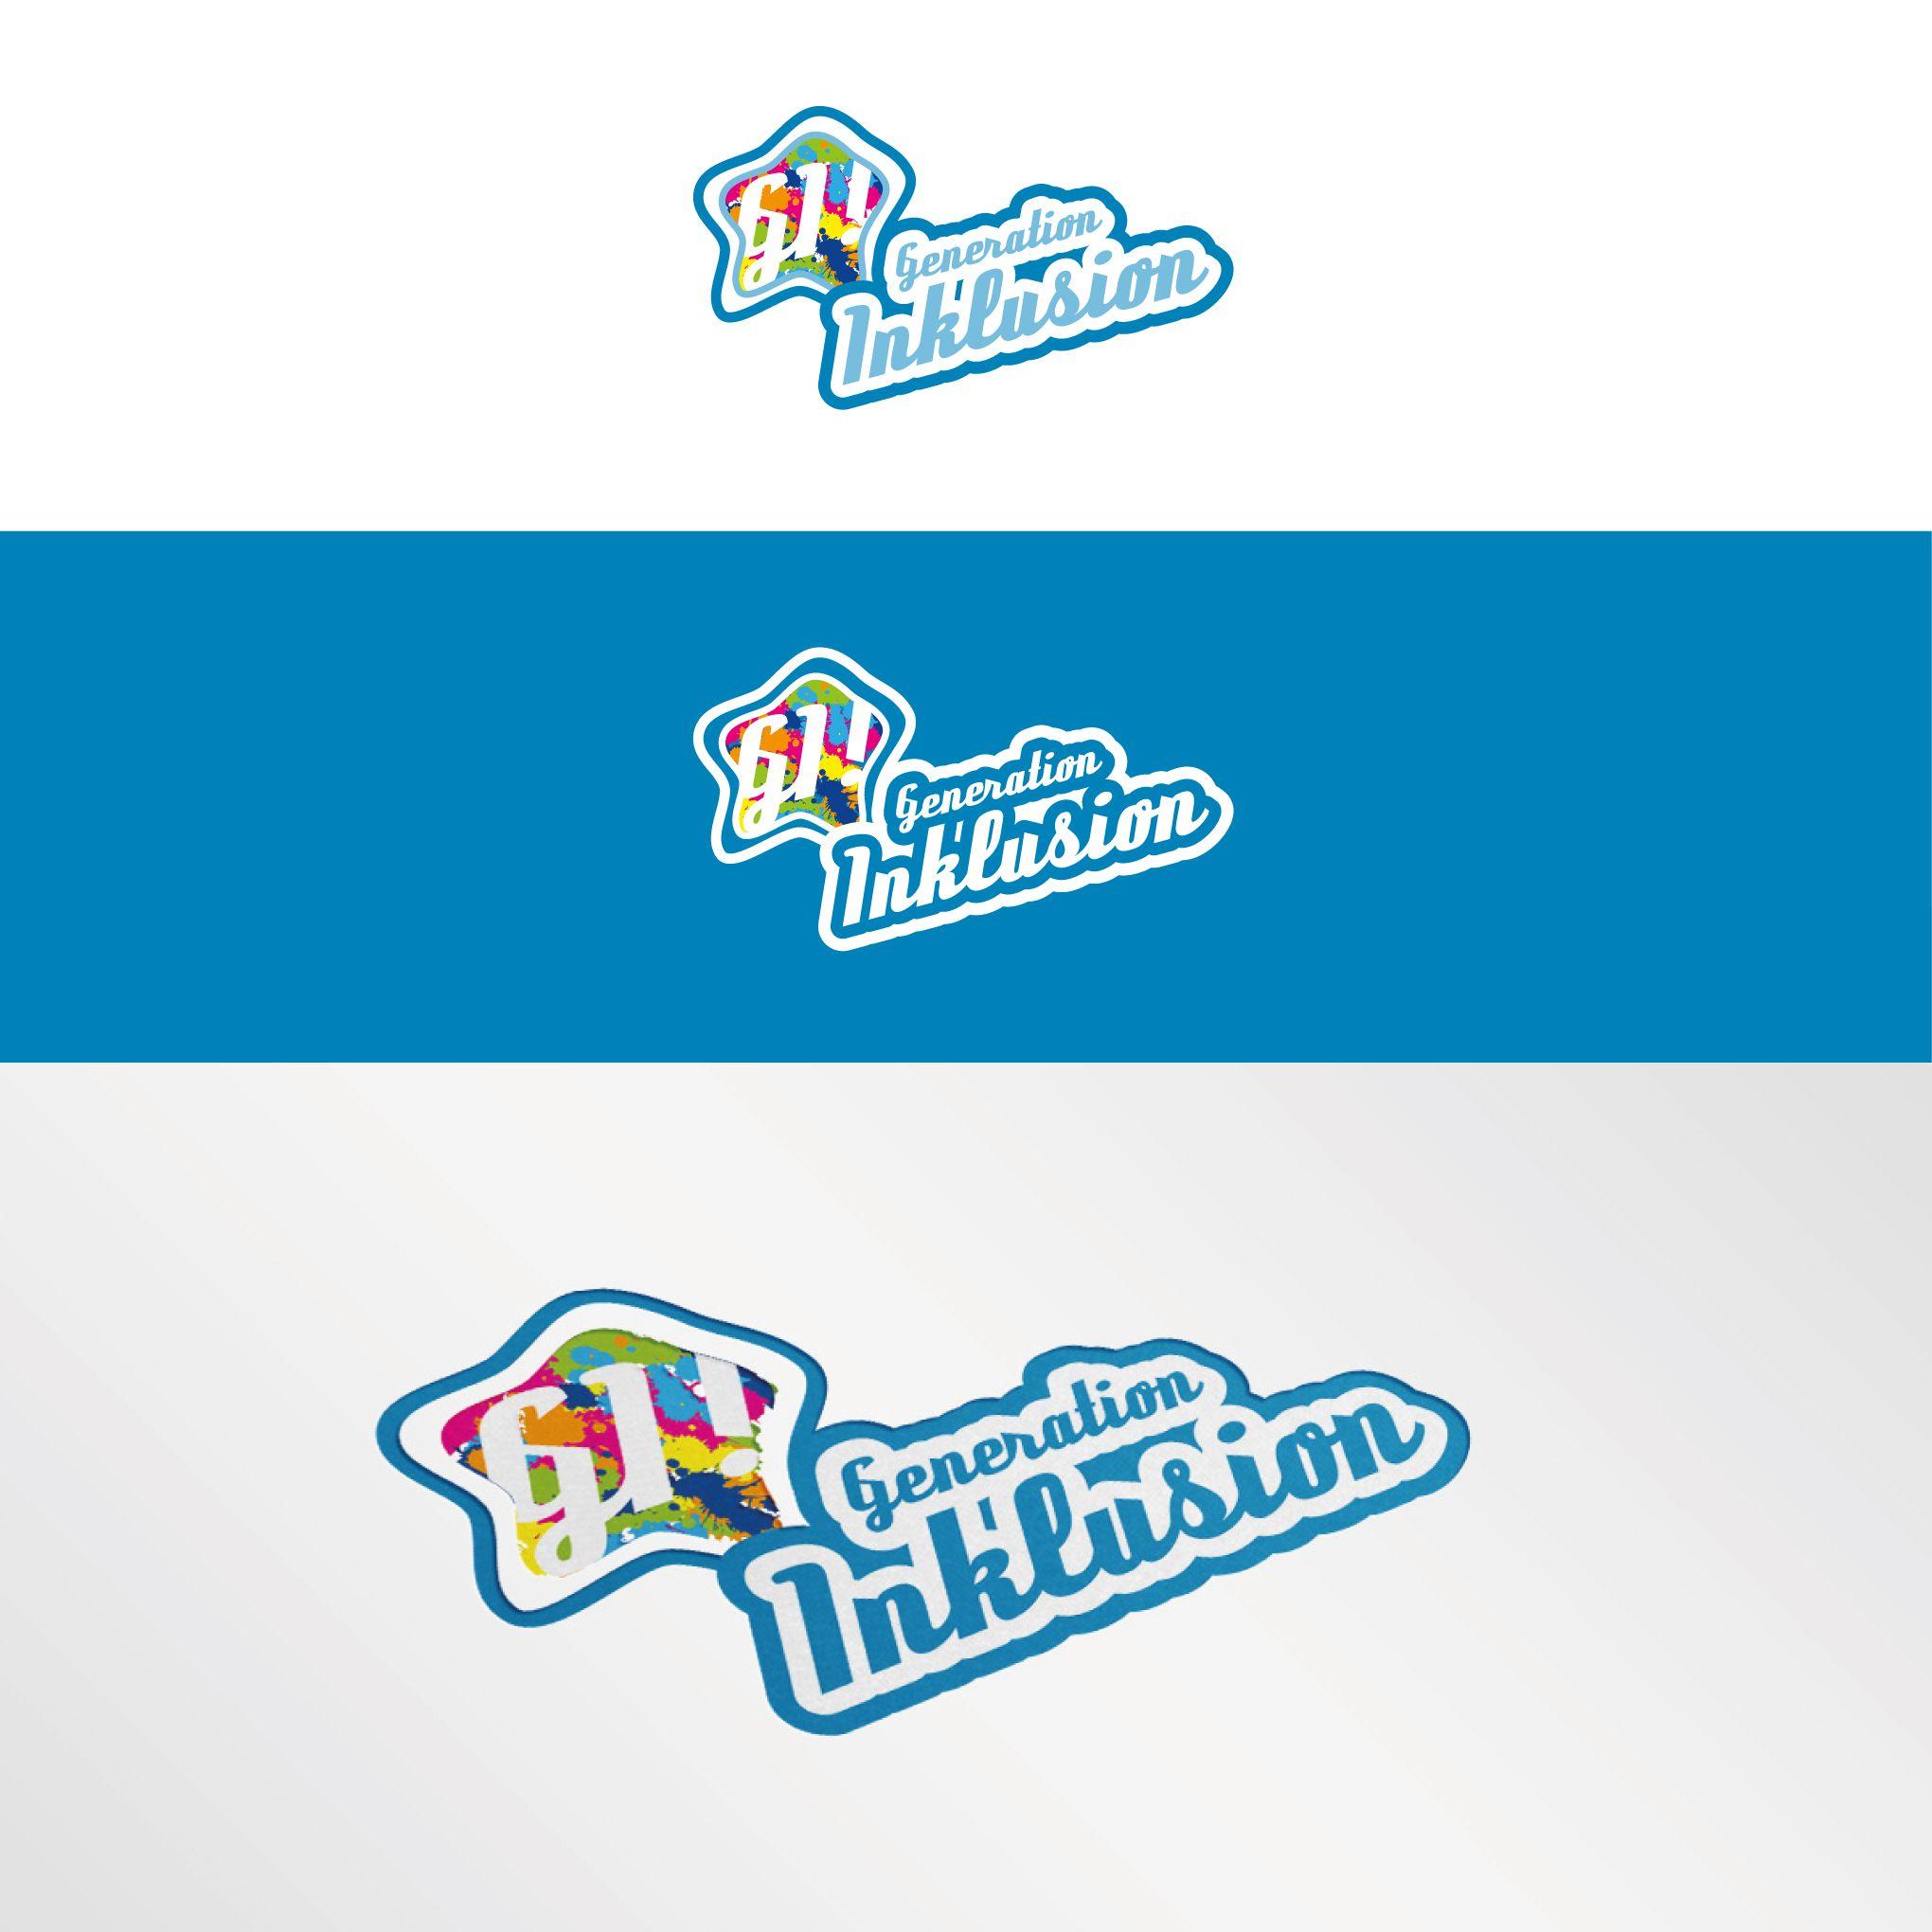 Blog Logo Thema: Inklusion und dem Umgang mit dem Thema. Zielgruppe: 15 - 35 Jährige, die sich kritisch mit dem Thema auseinandersetzen oder einfach informieren möchten #inklusion #logo #design #modern